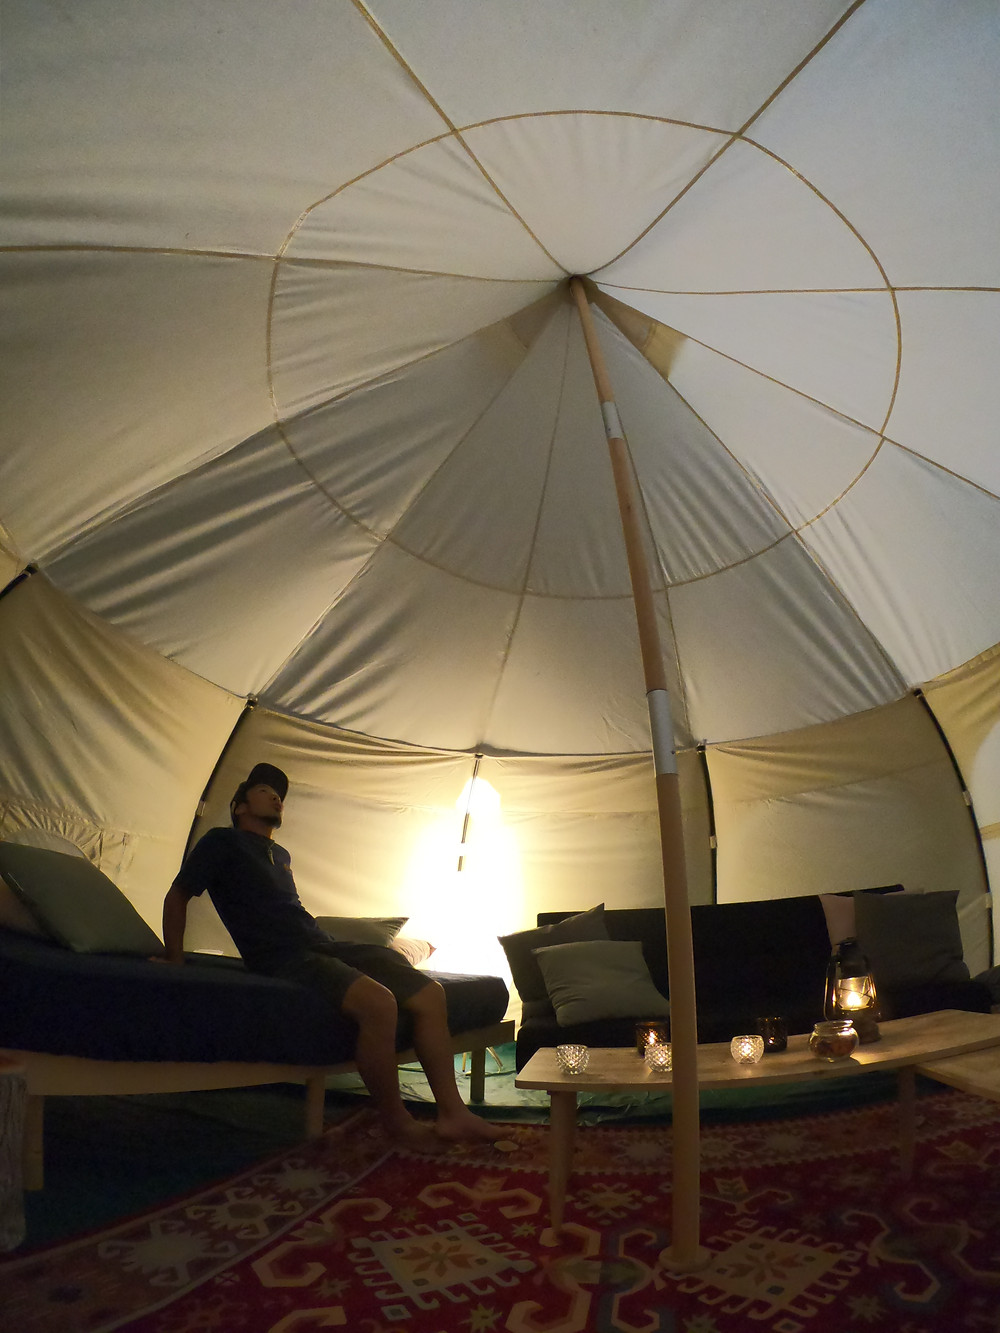 airbnb エアービーアンドビー グランピング みなかみ 水上 沼田 群馬 関東  ワオグラ  ワオグランピングコテージ